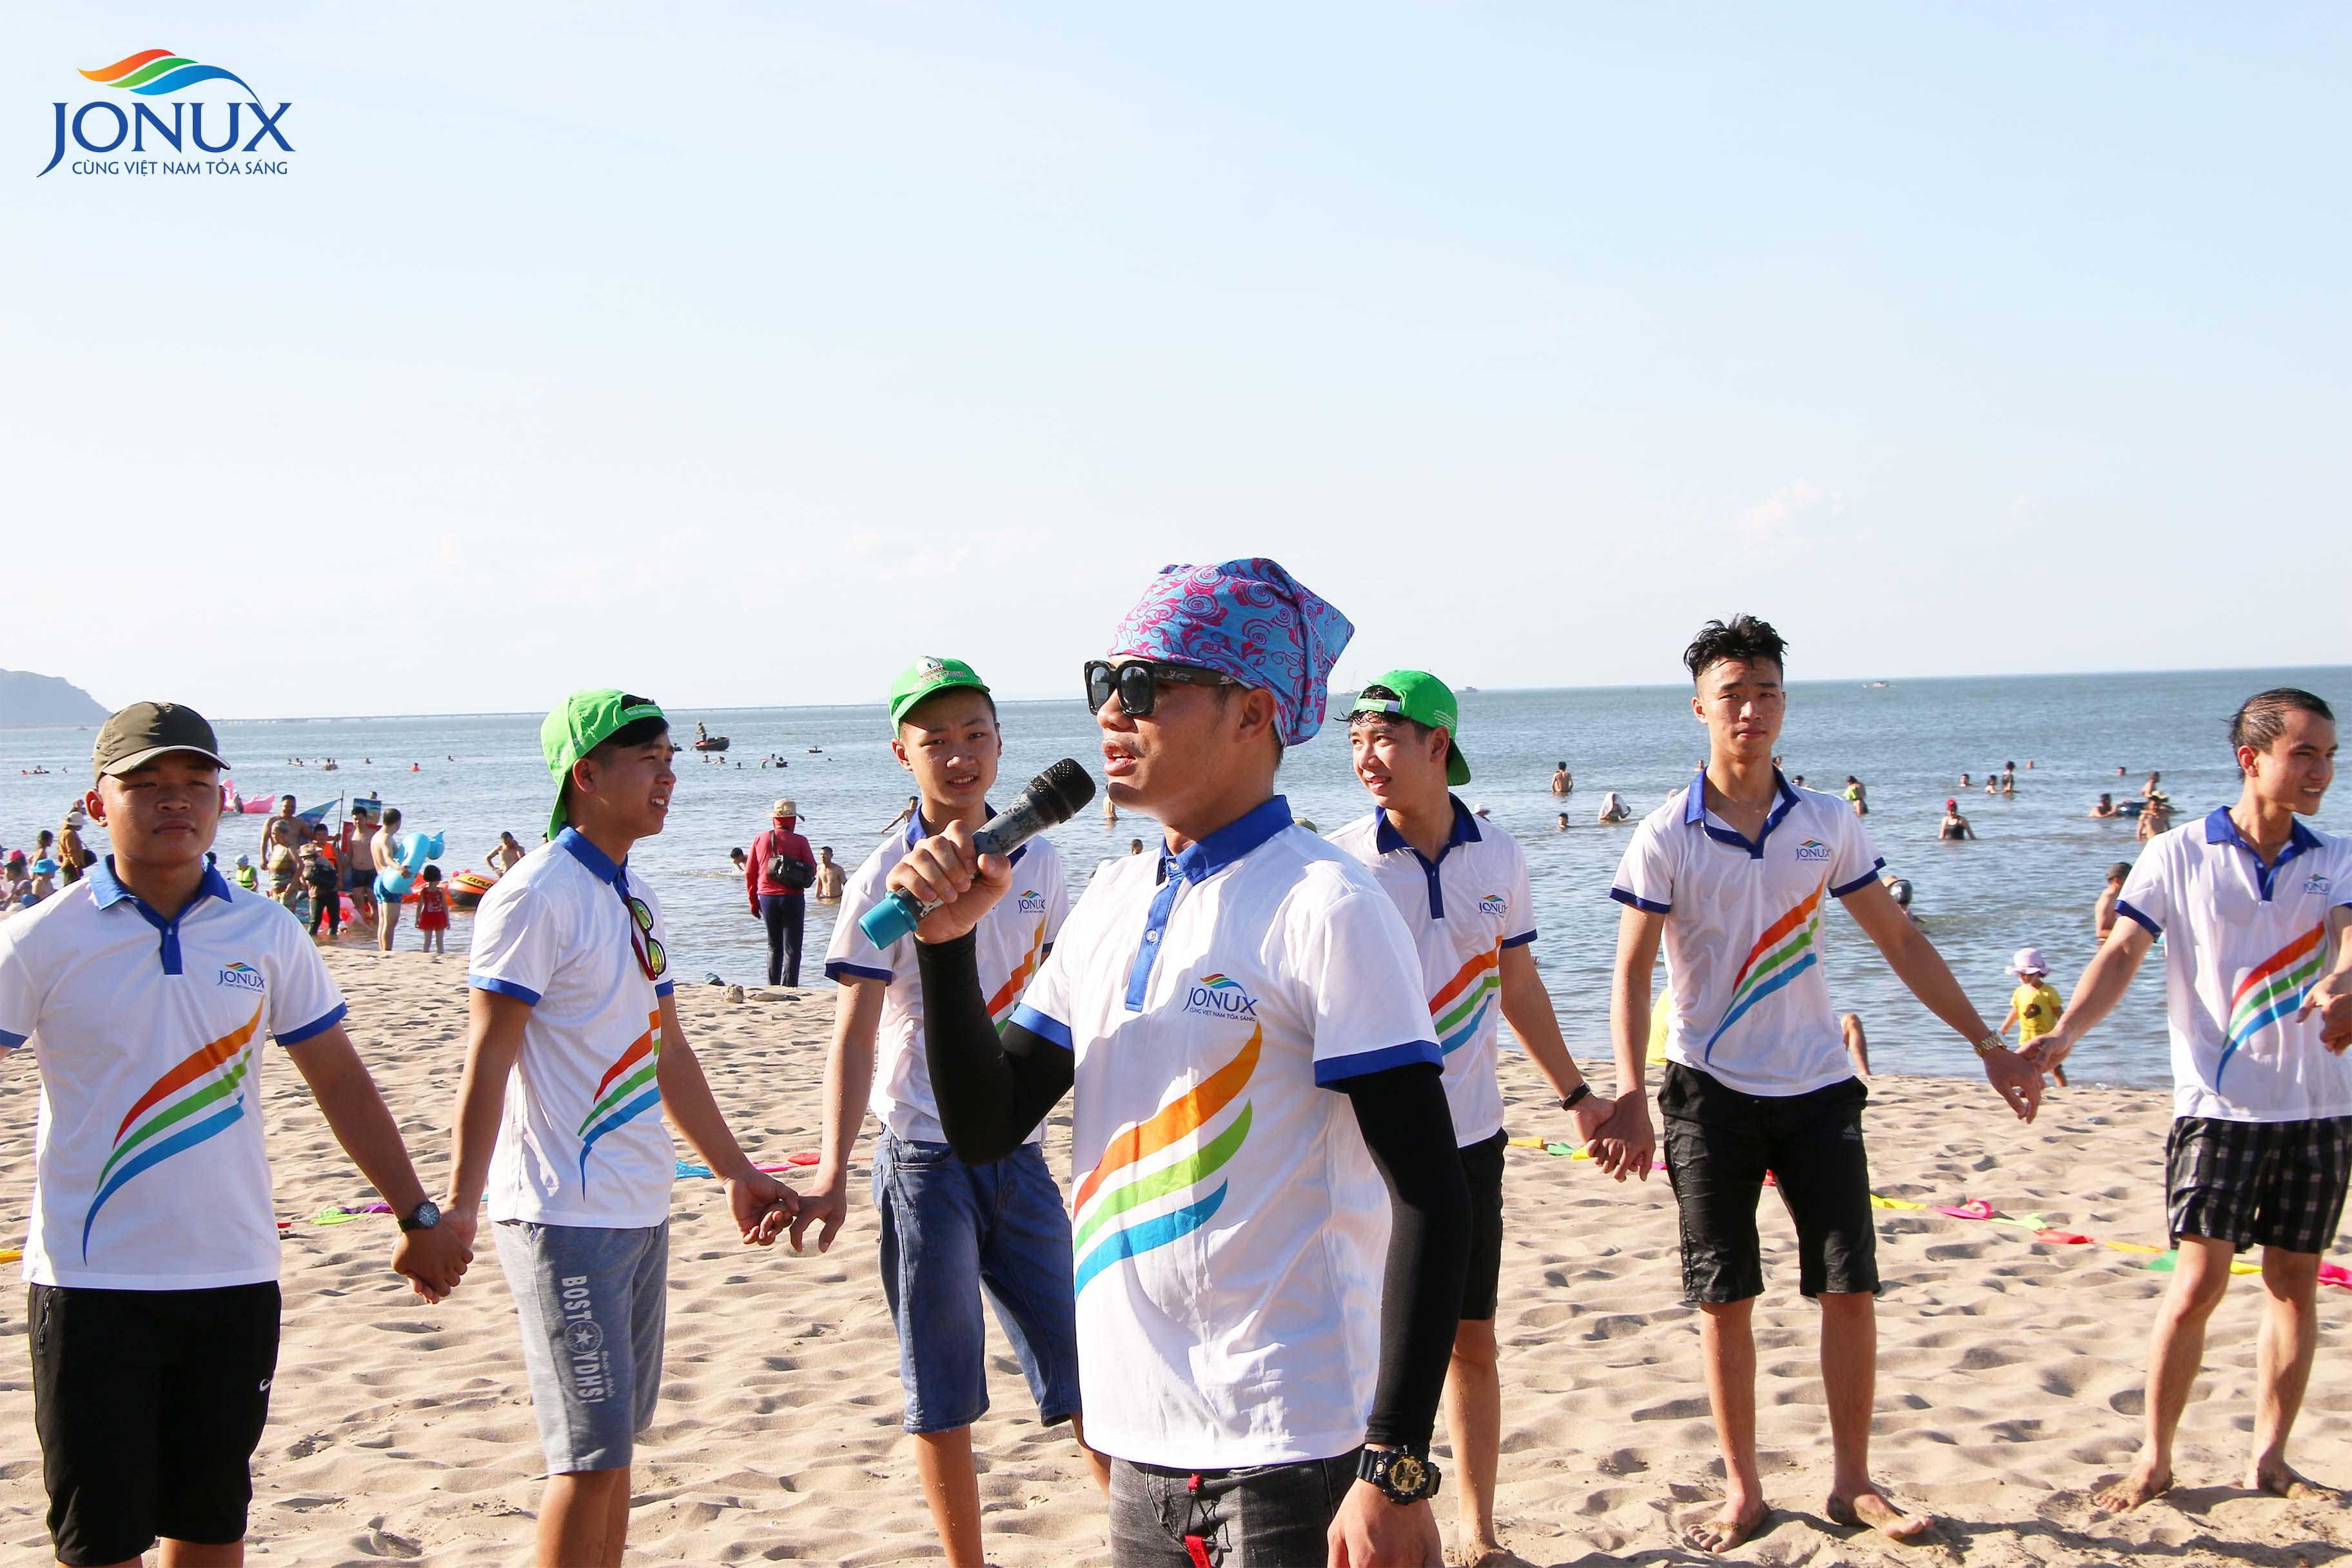 CTCP JONUX Châu Á tổ chức tour du lịch dành cho CBVN năm 2018